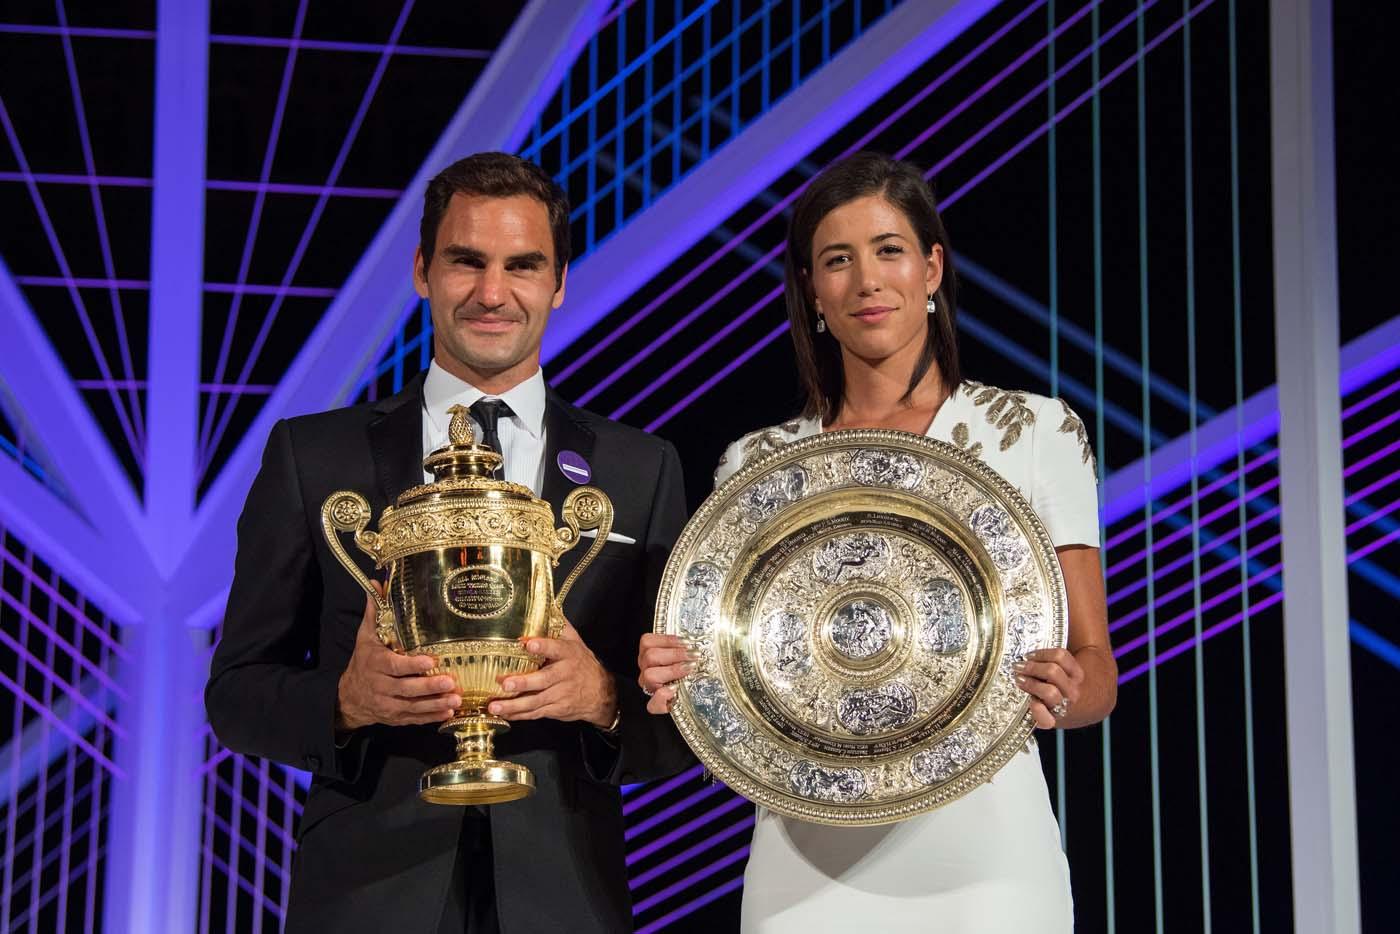 VTM003 LONDRES (REINO UNIDO), 17/07/2017.- Fotogafía cedida por el All England Lawn Tennis Cub (AELTC), con fecha del 16 de julio del 2017, y publicada hoy, 17 de julio del 2017, que muestra al tenista suizo Roger Federer (i) y a la tenista española Garbiñe Muguruza mientras posan con sus trofeos de Wimbleon en Londres (Reino Unido). EFE/AELTC / ROBERT MARTIN/SÓLO USO EDITORIAL/PROHIBIDO SU USO COMERCIAL